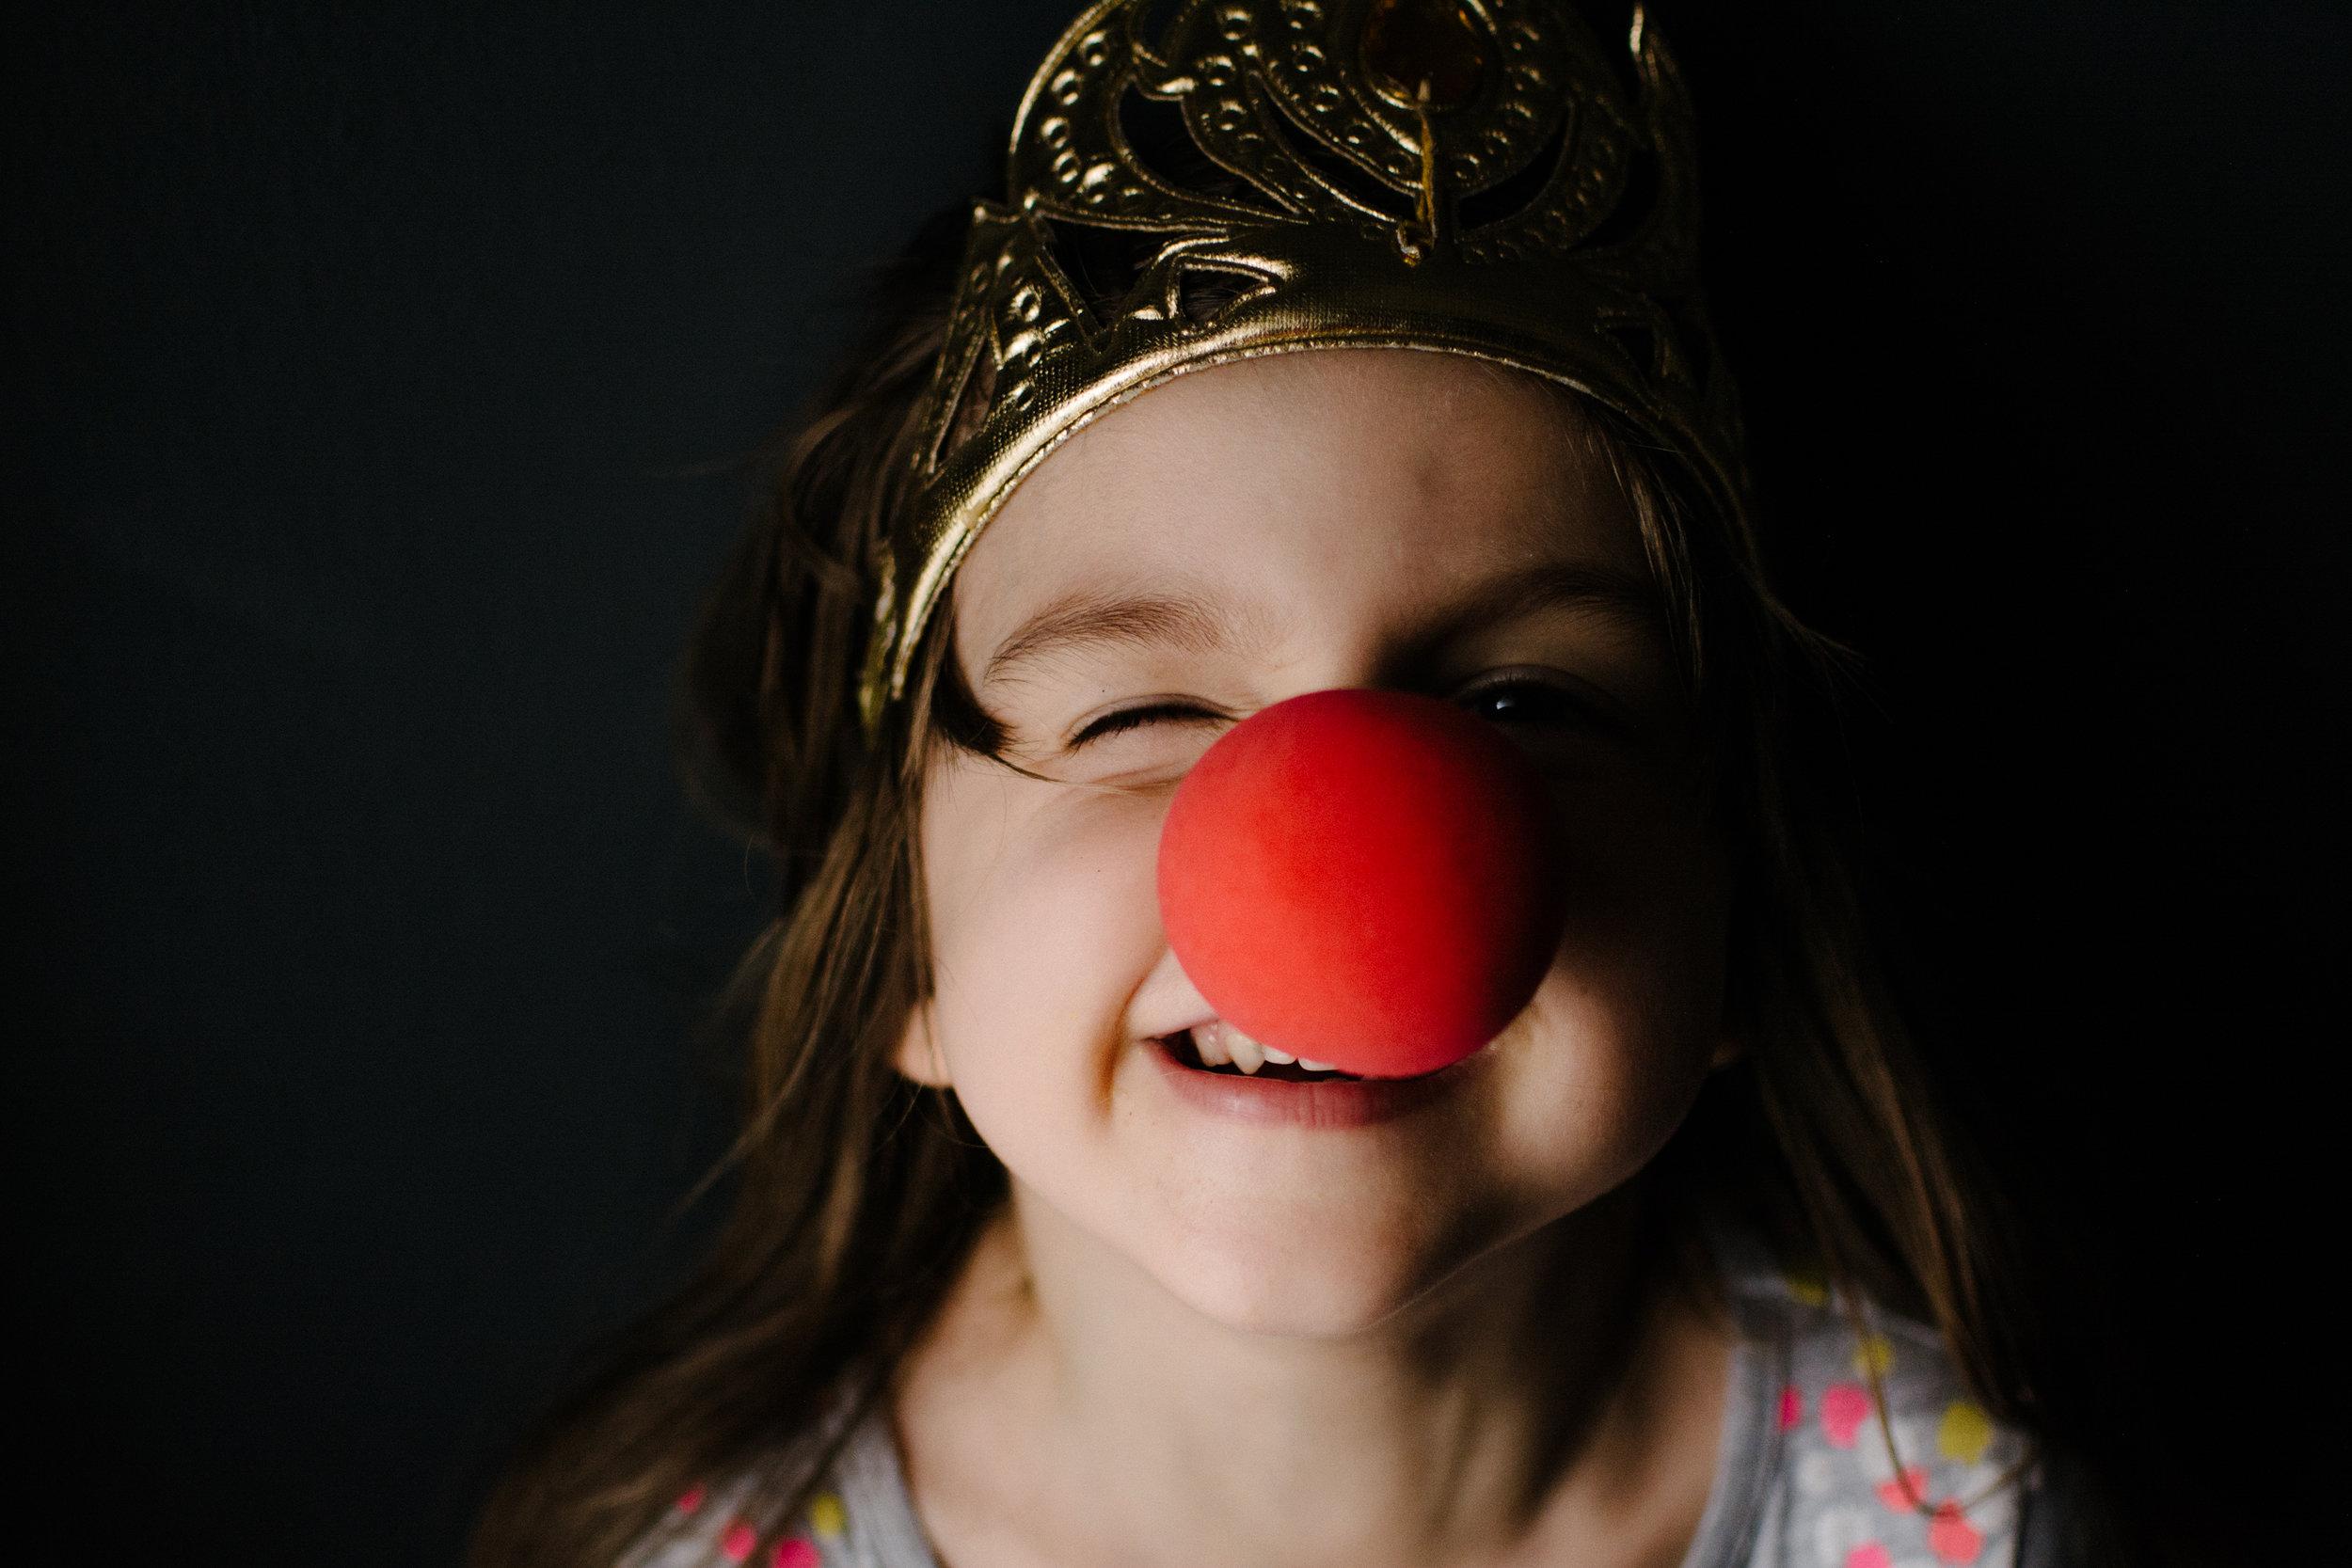 photo-d-une-fillette-qui-porte-couronne-et-nez-de-clown-photographe-lifestyle-famille-et-nouveau-ne-a-montreal-marianne-charland-004.jpg